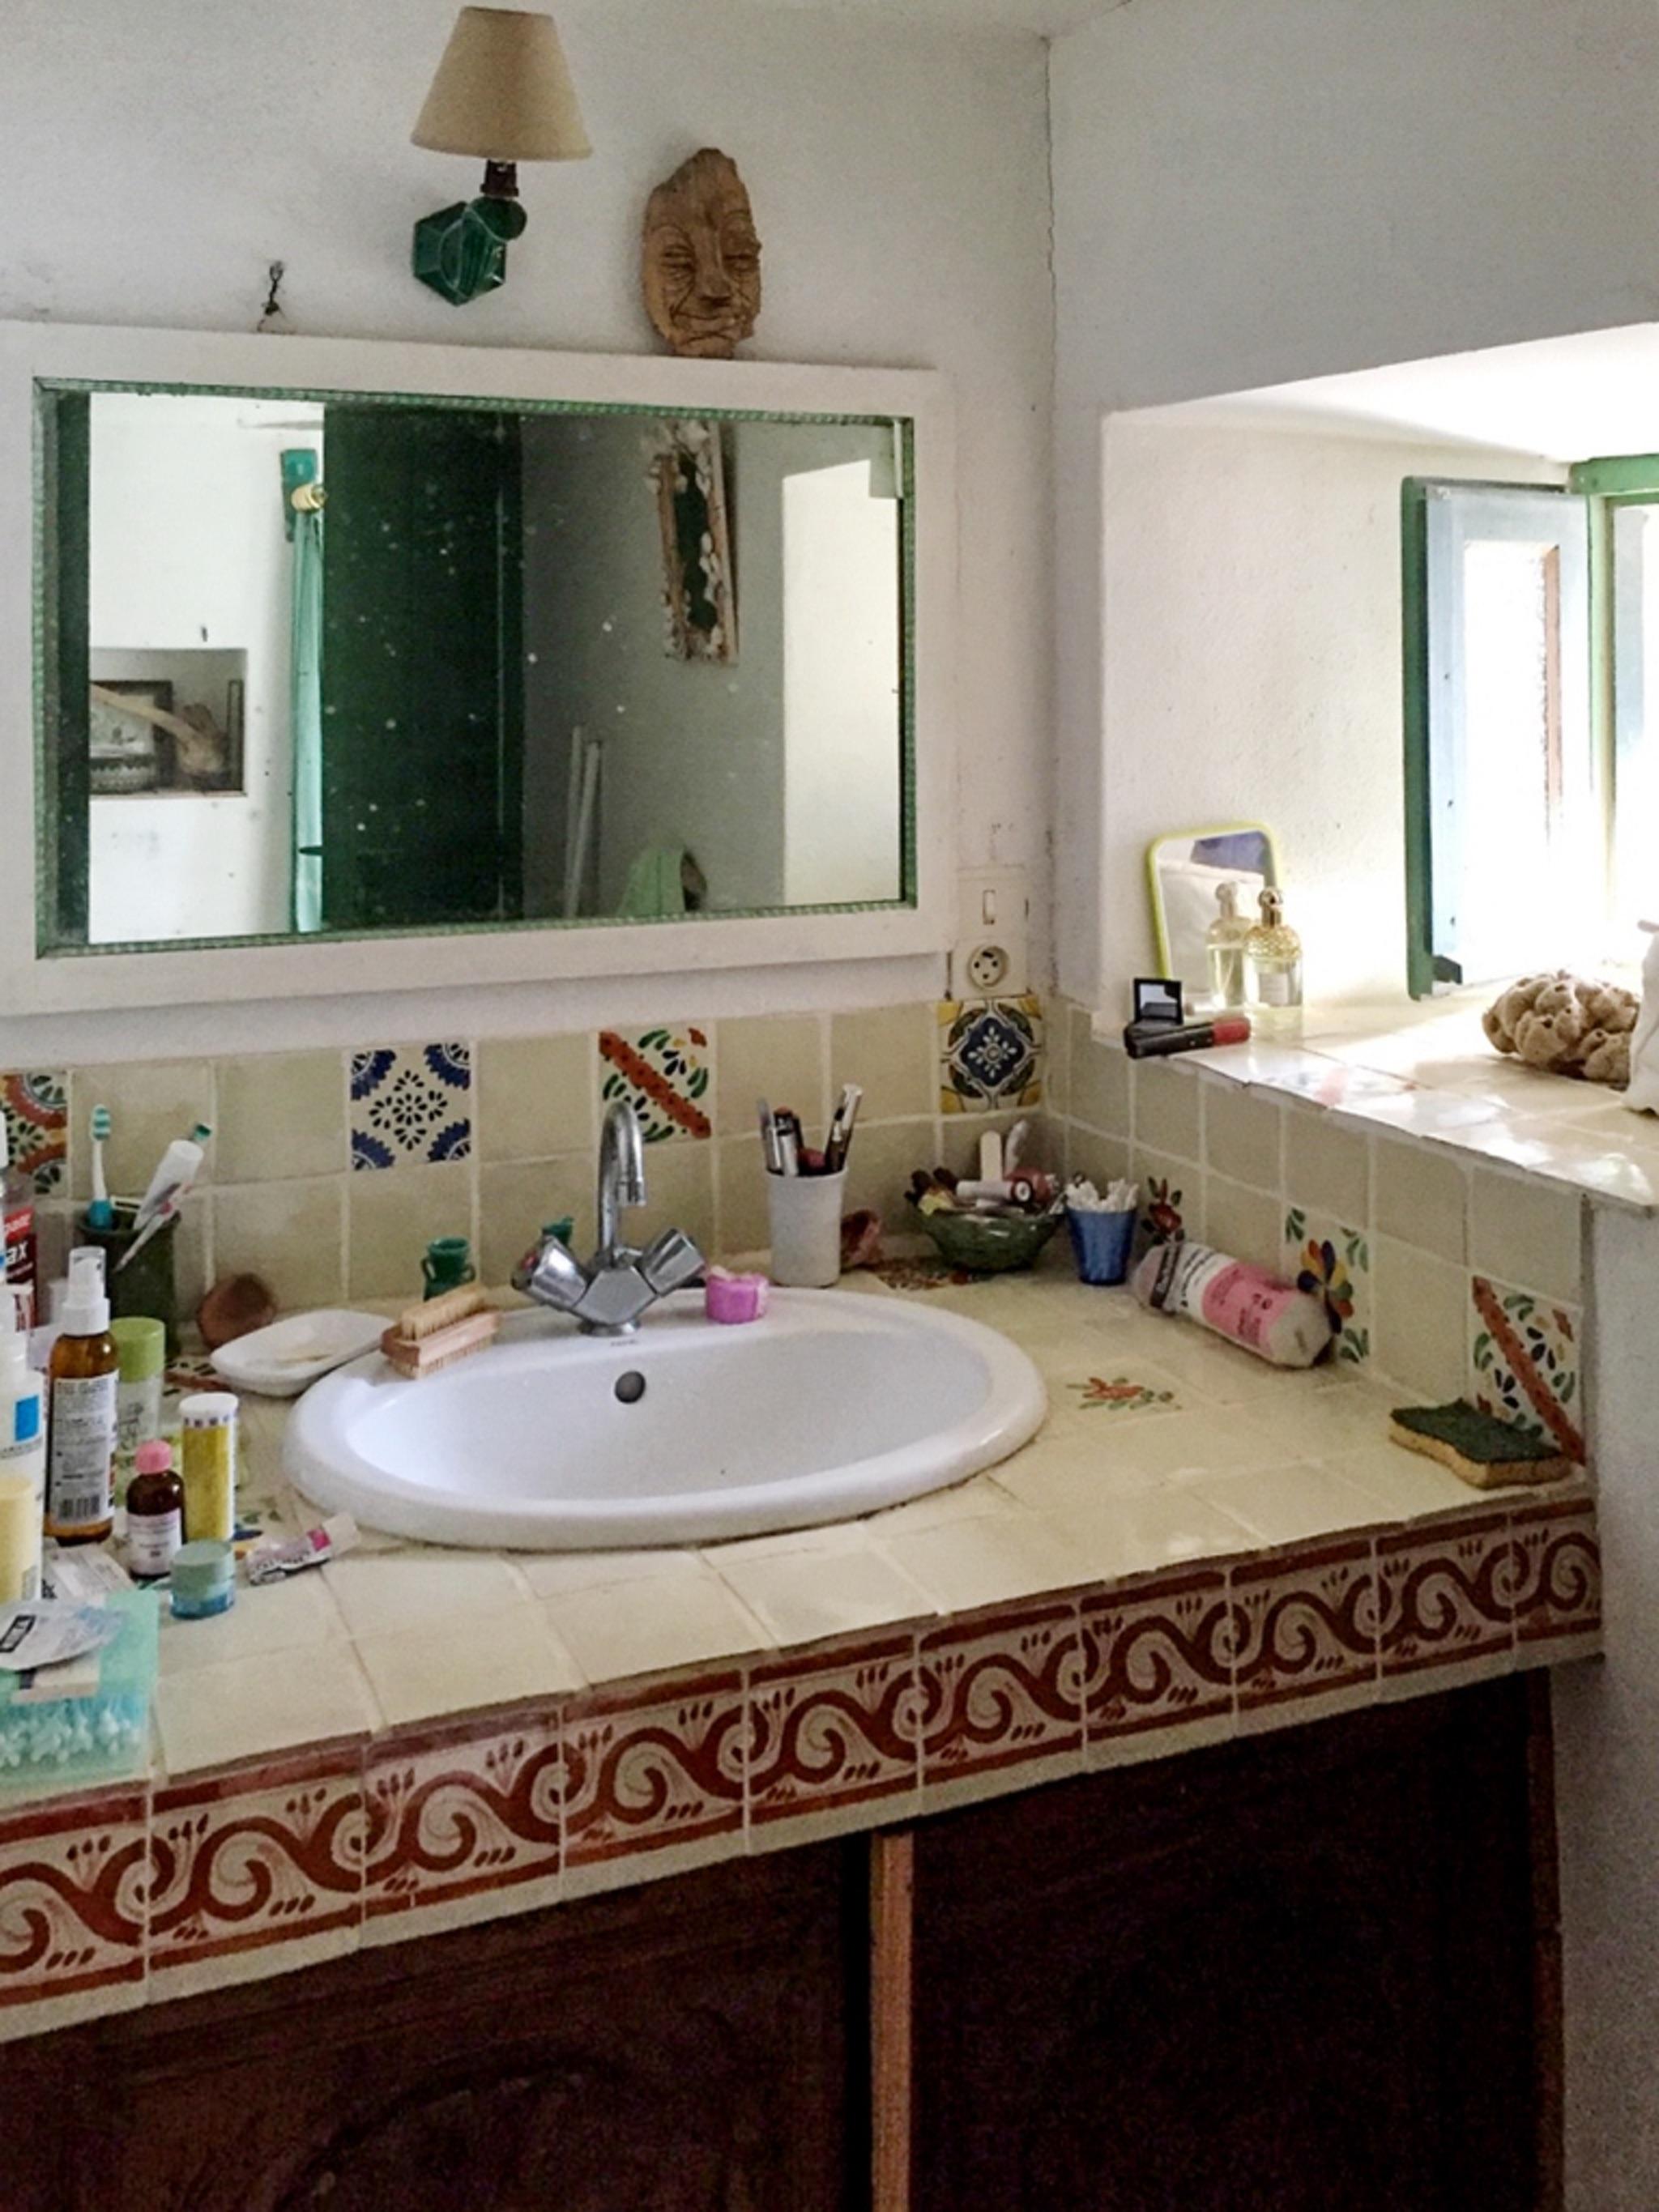 Ferienhaus Herrliches Haus mit neun Schlafzimmern und grandiosem Blick aufs Meer im hübschen Dörfchen (2202571), Centuri, Nordkorsika, Korsika, Frankreich, Bild 25